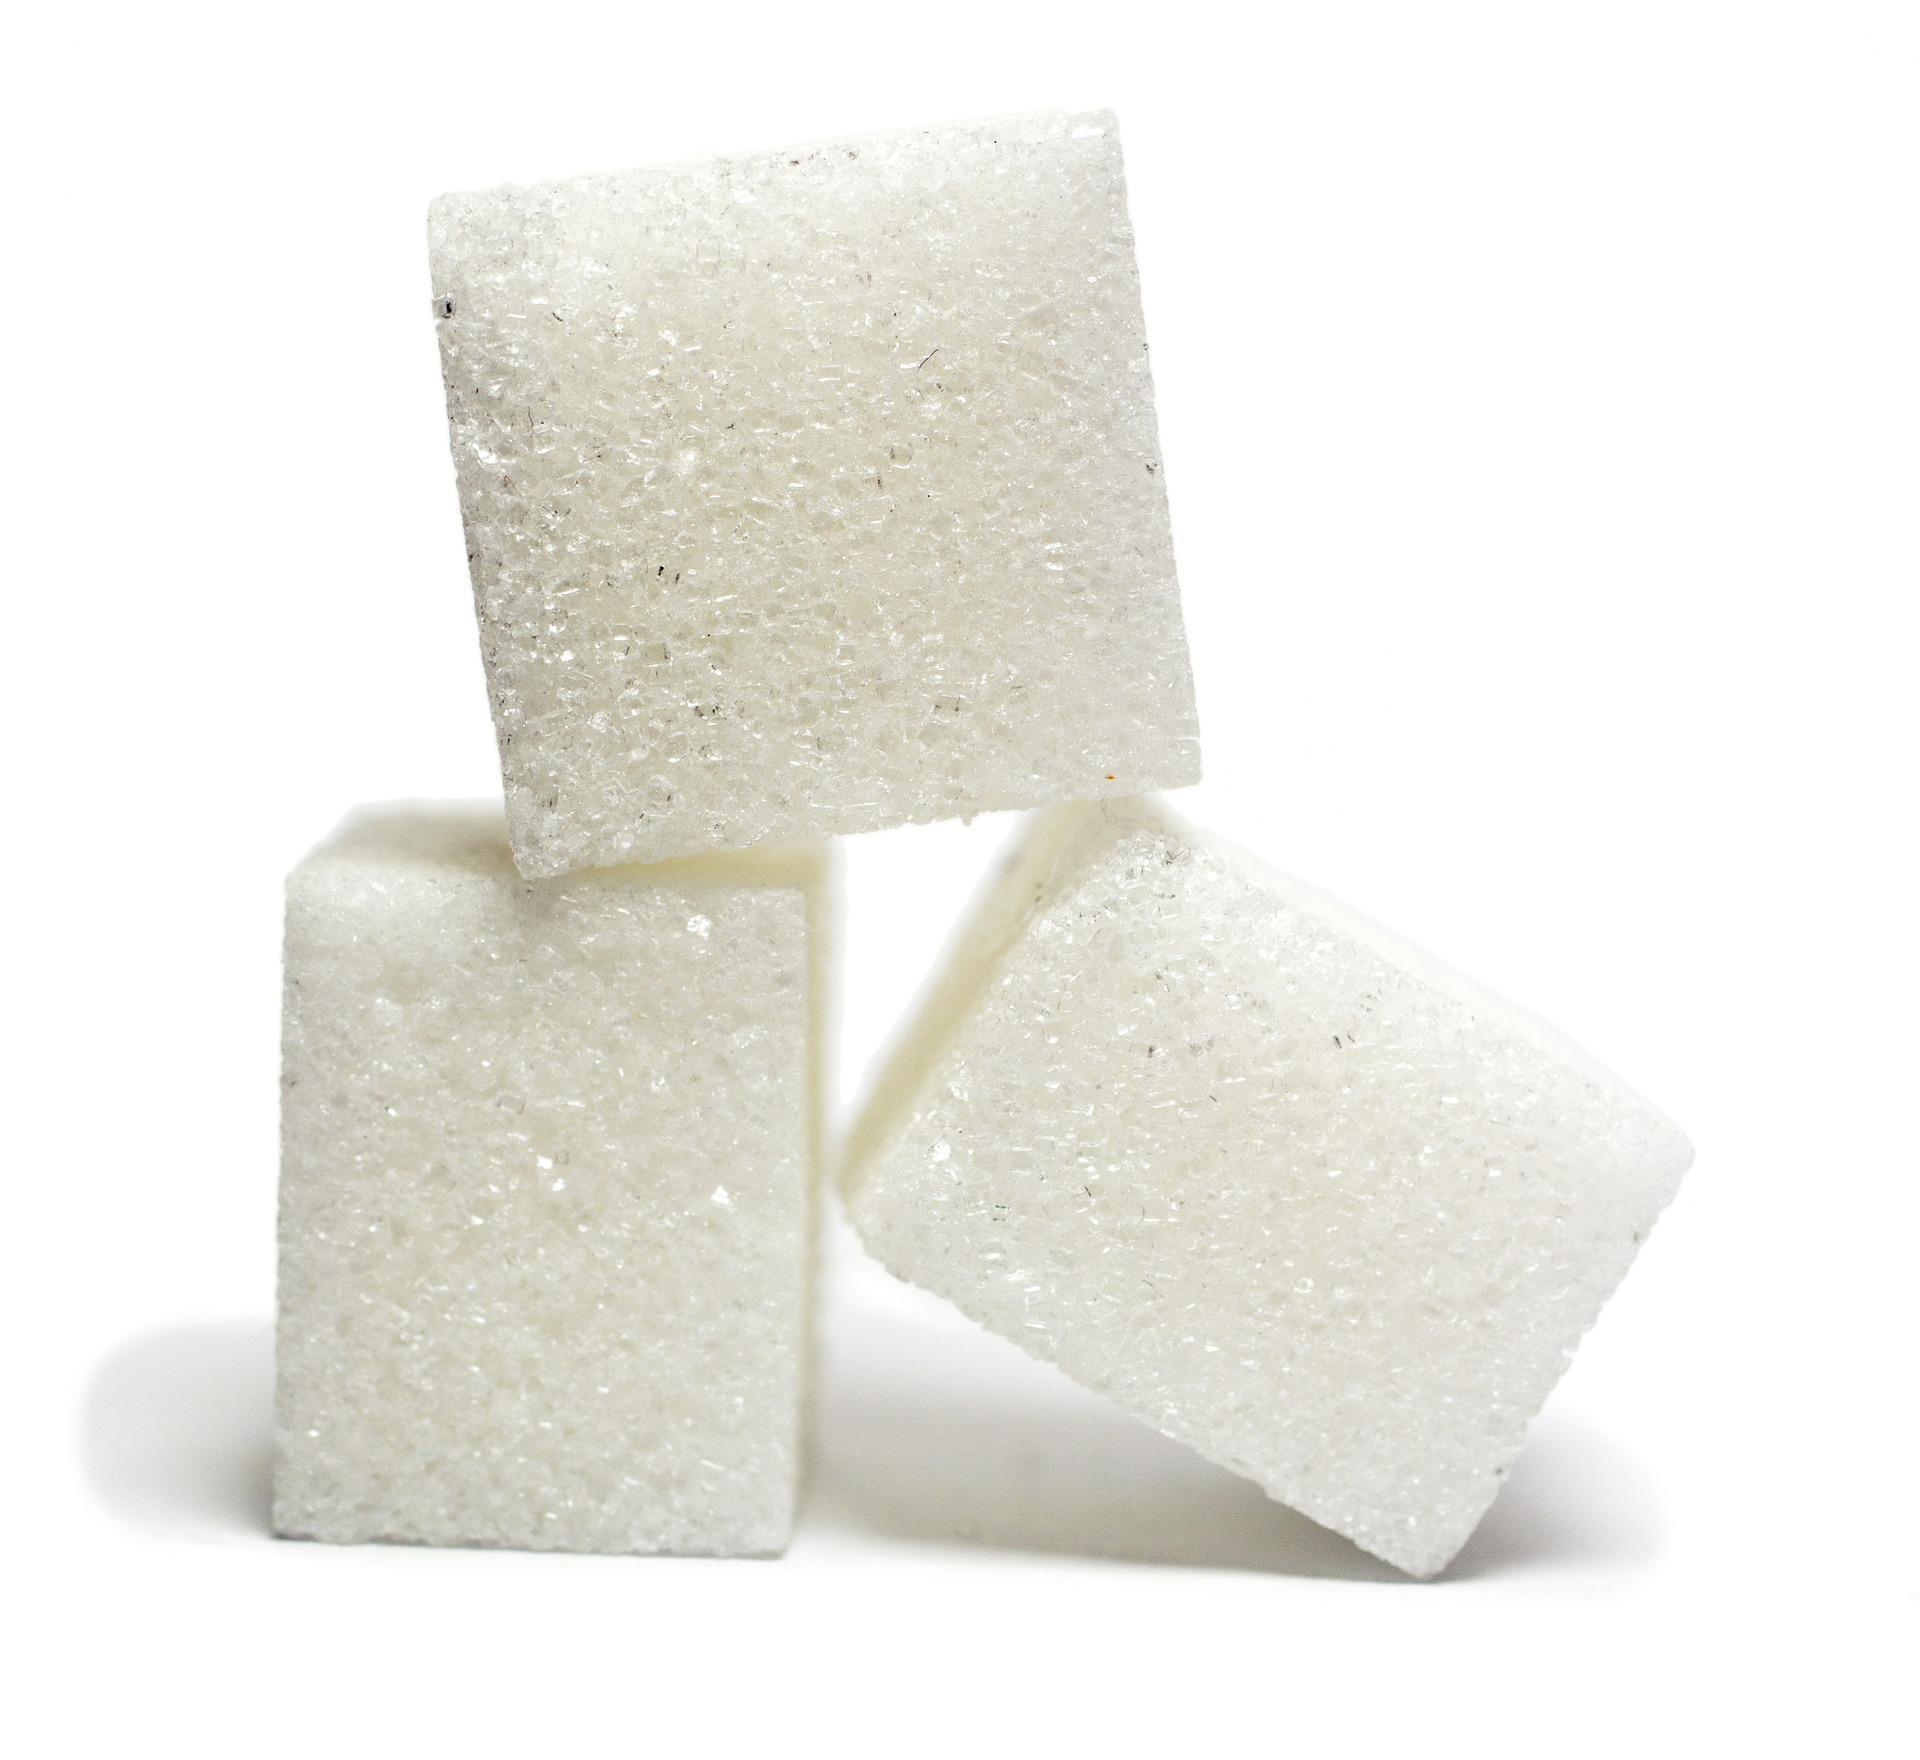 La cellula tumorale è avida di zucchero